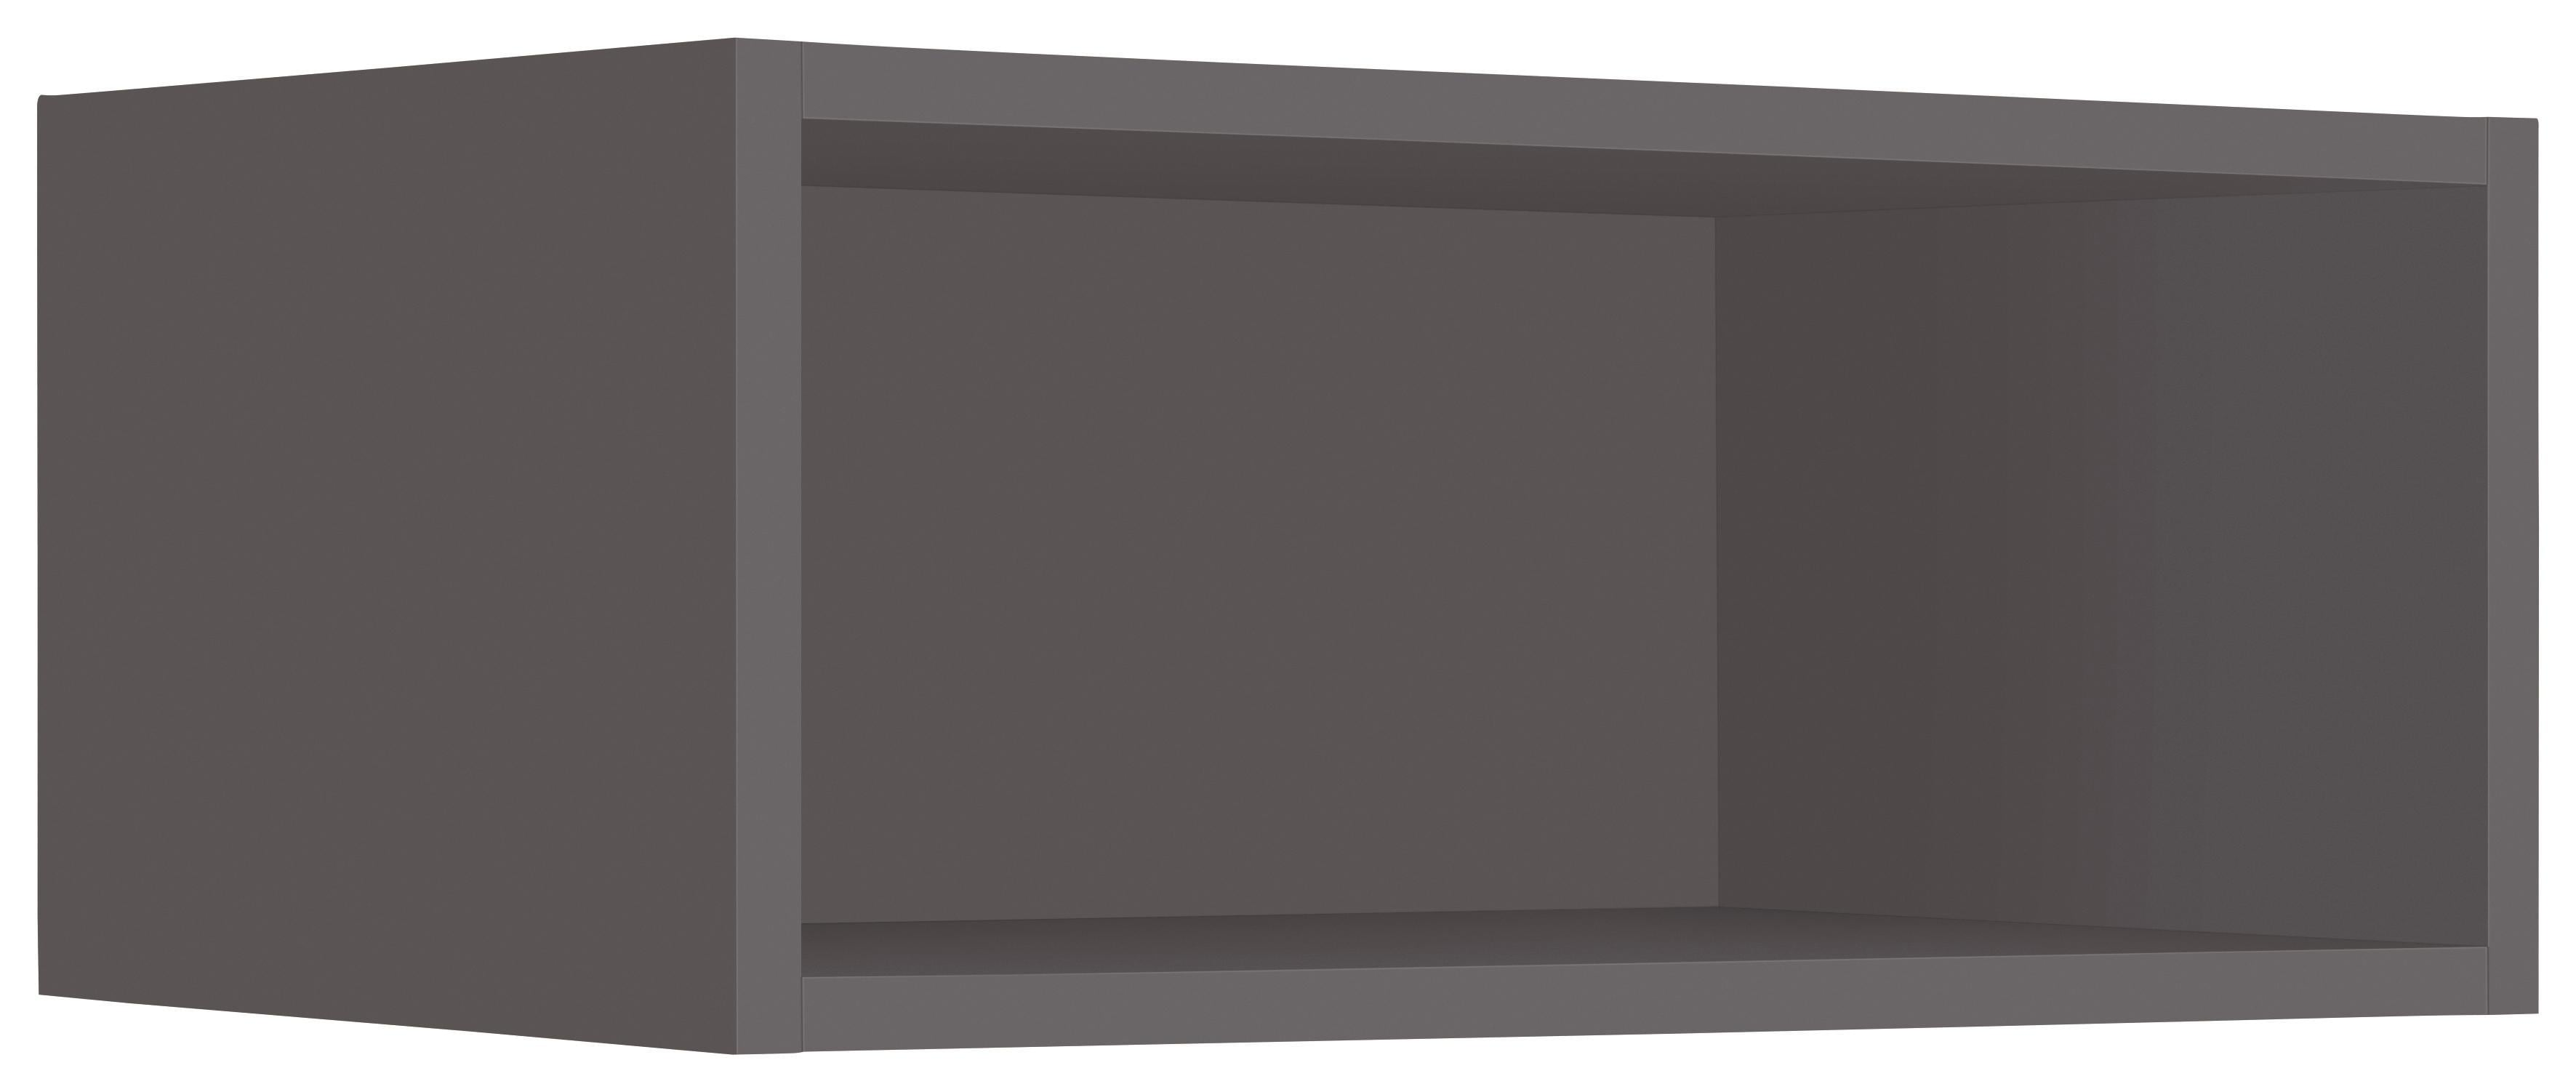 WIHO-Küchen Hängeregal Flexi2 Breite 50 cm | Küche und Esszimmer > Küchenregale > Küchen-Standregale | Grau | Melamin | Wiho Küchen